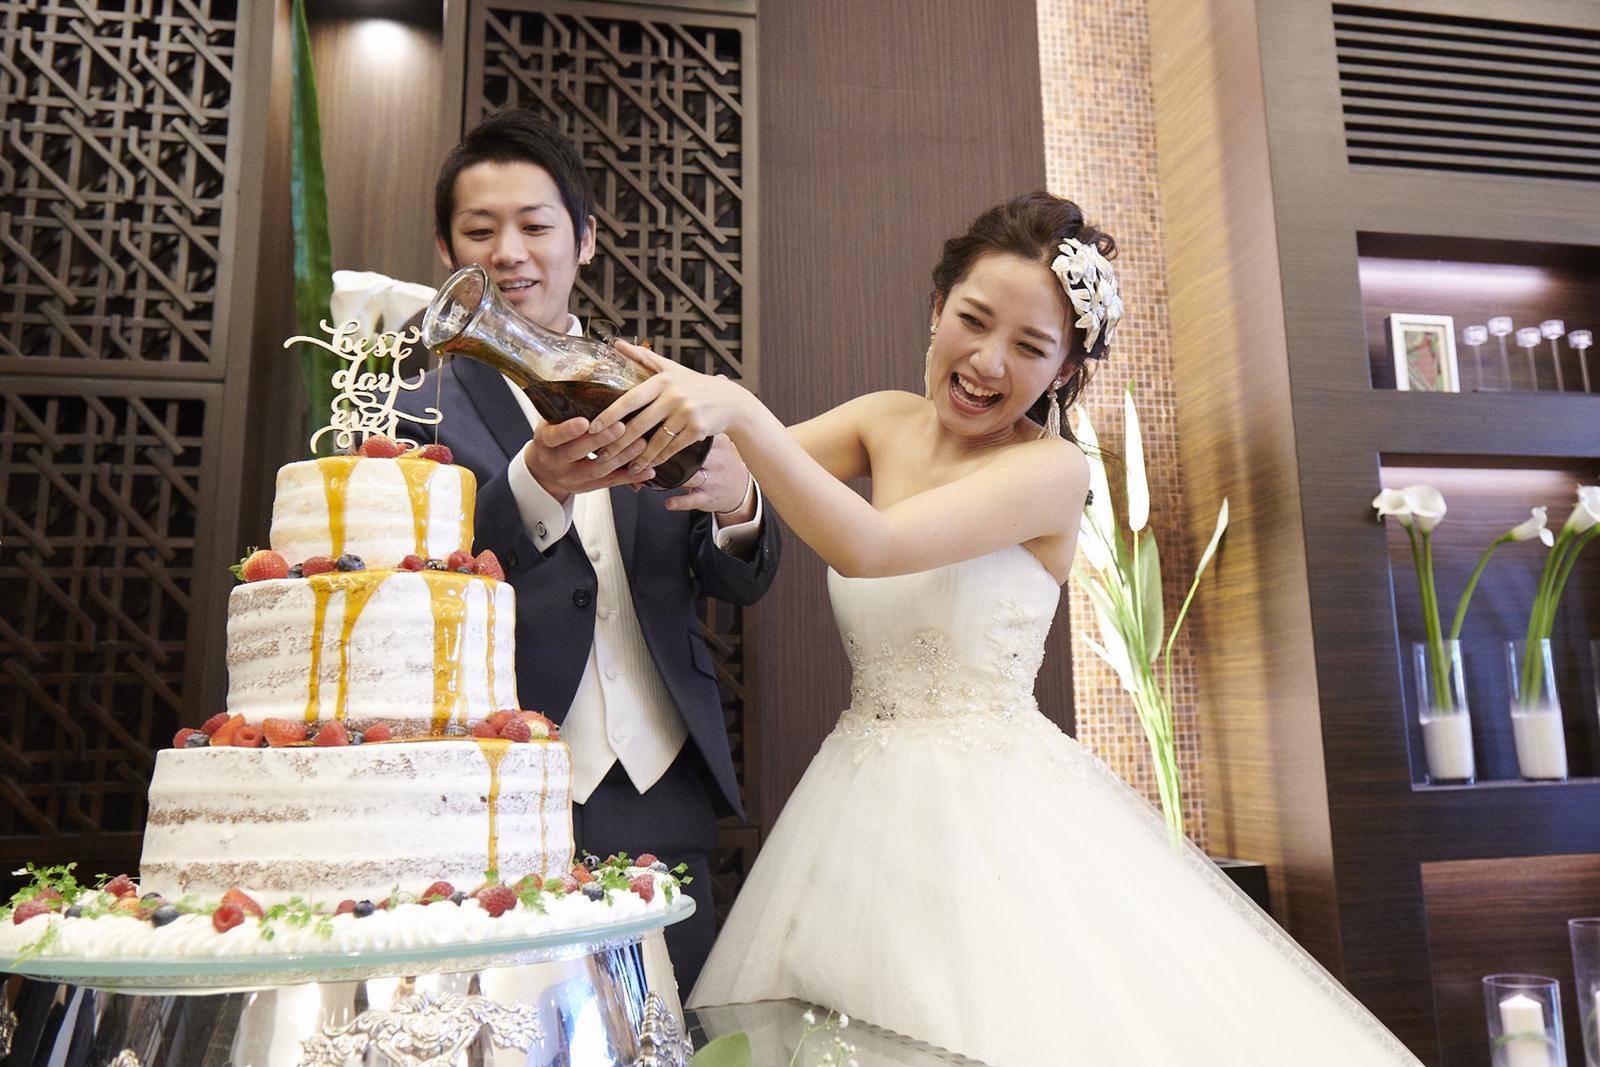 徳島県の結婚式場ブランアンジュでウエディングケーキにカラードリップする演出